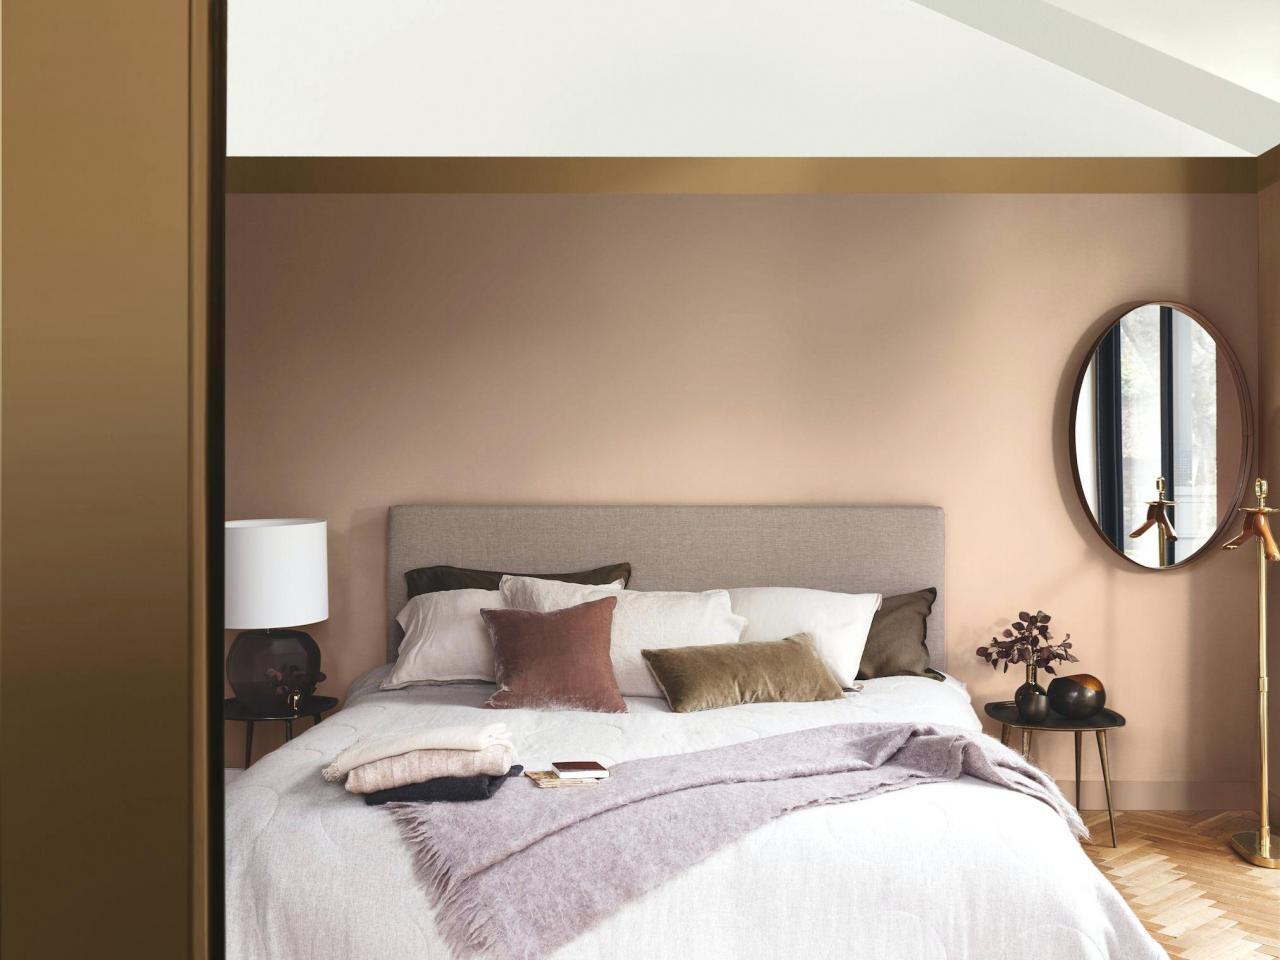 صورة الوان غرف النوم , تعرف على غرف نوم مودرن جديدة